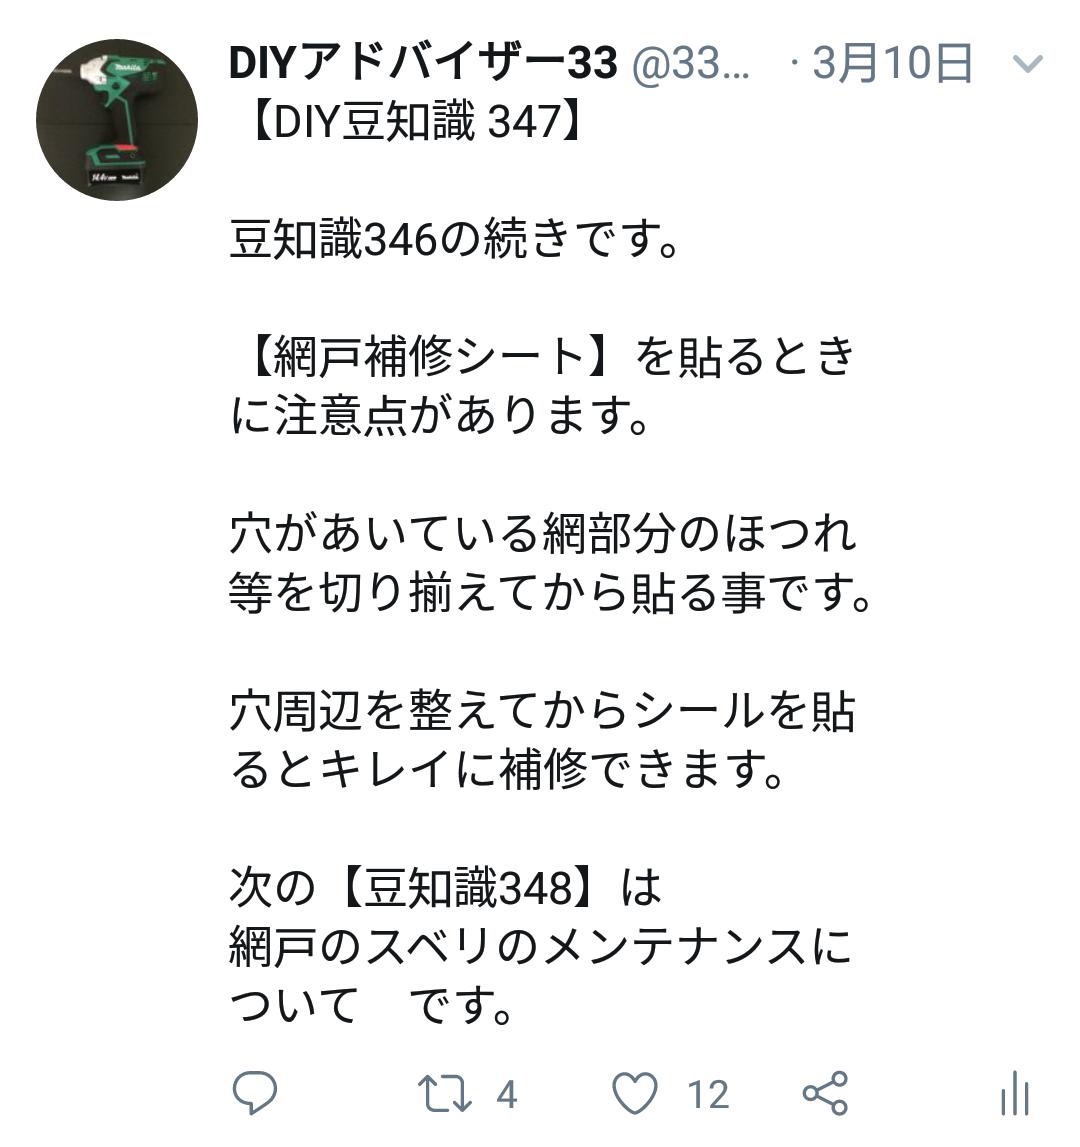 f:id:DIY33:20190411004346p:plain